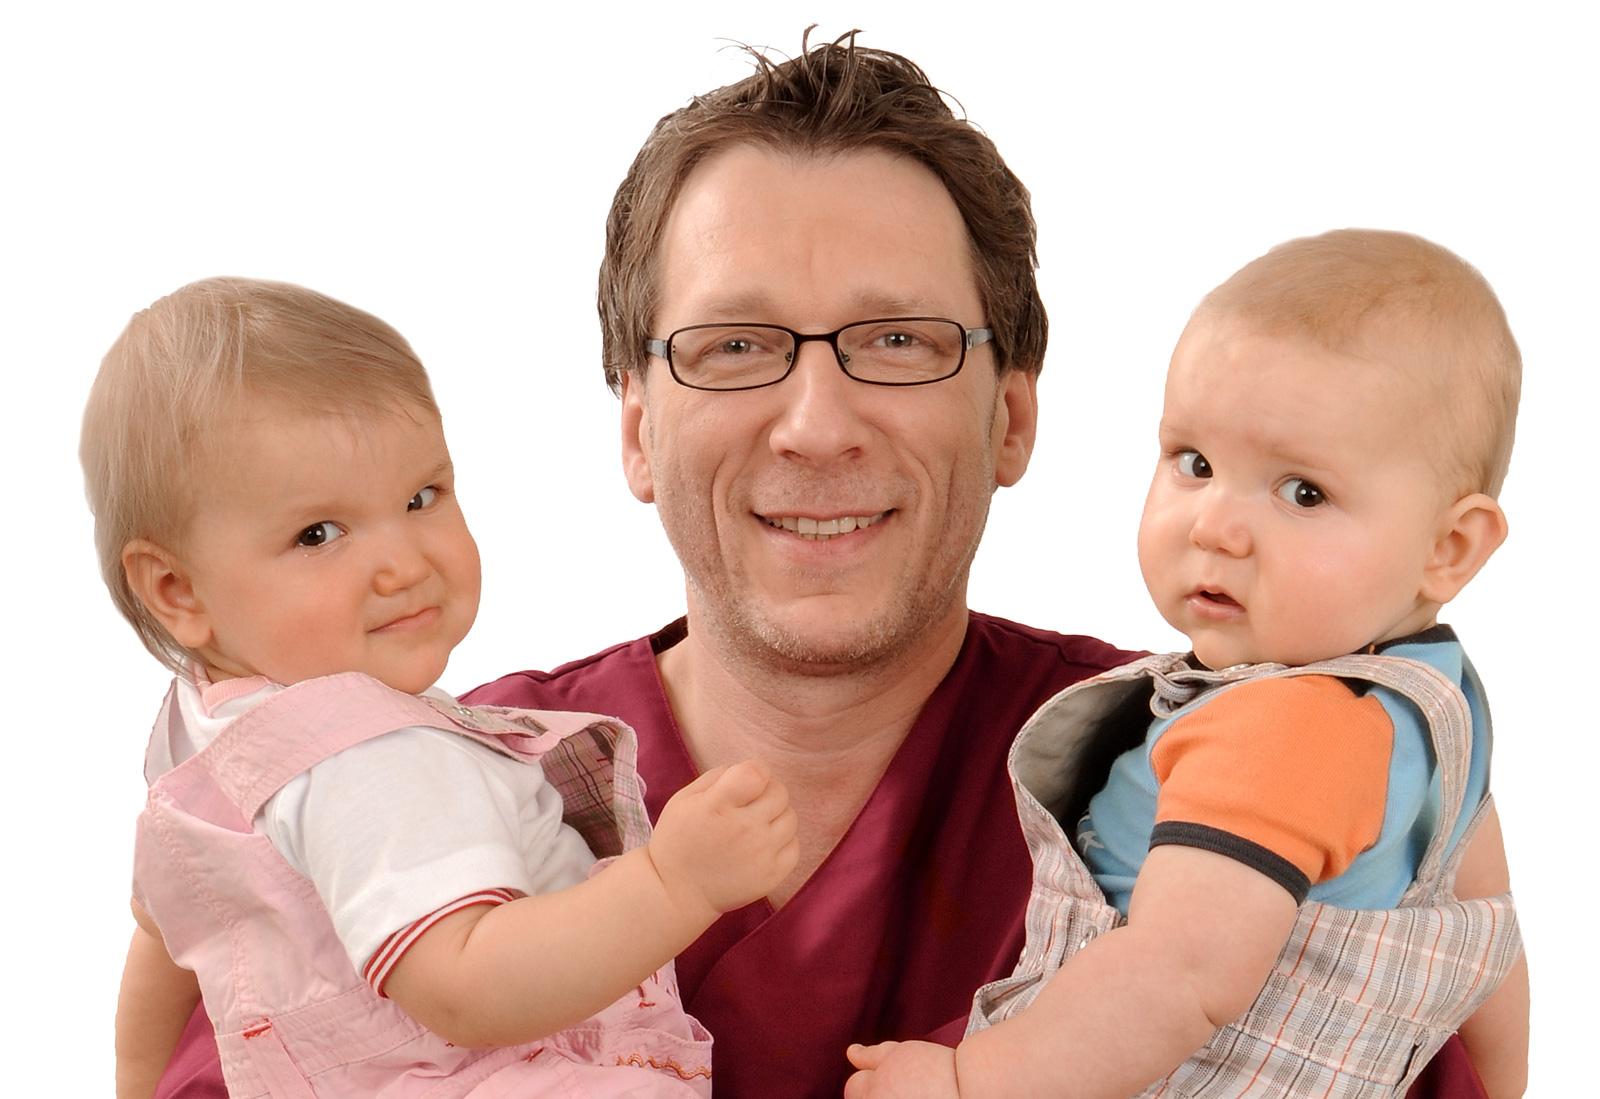 Kinderzahnheilkunde: Peter Schmidt mit Kindern